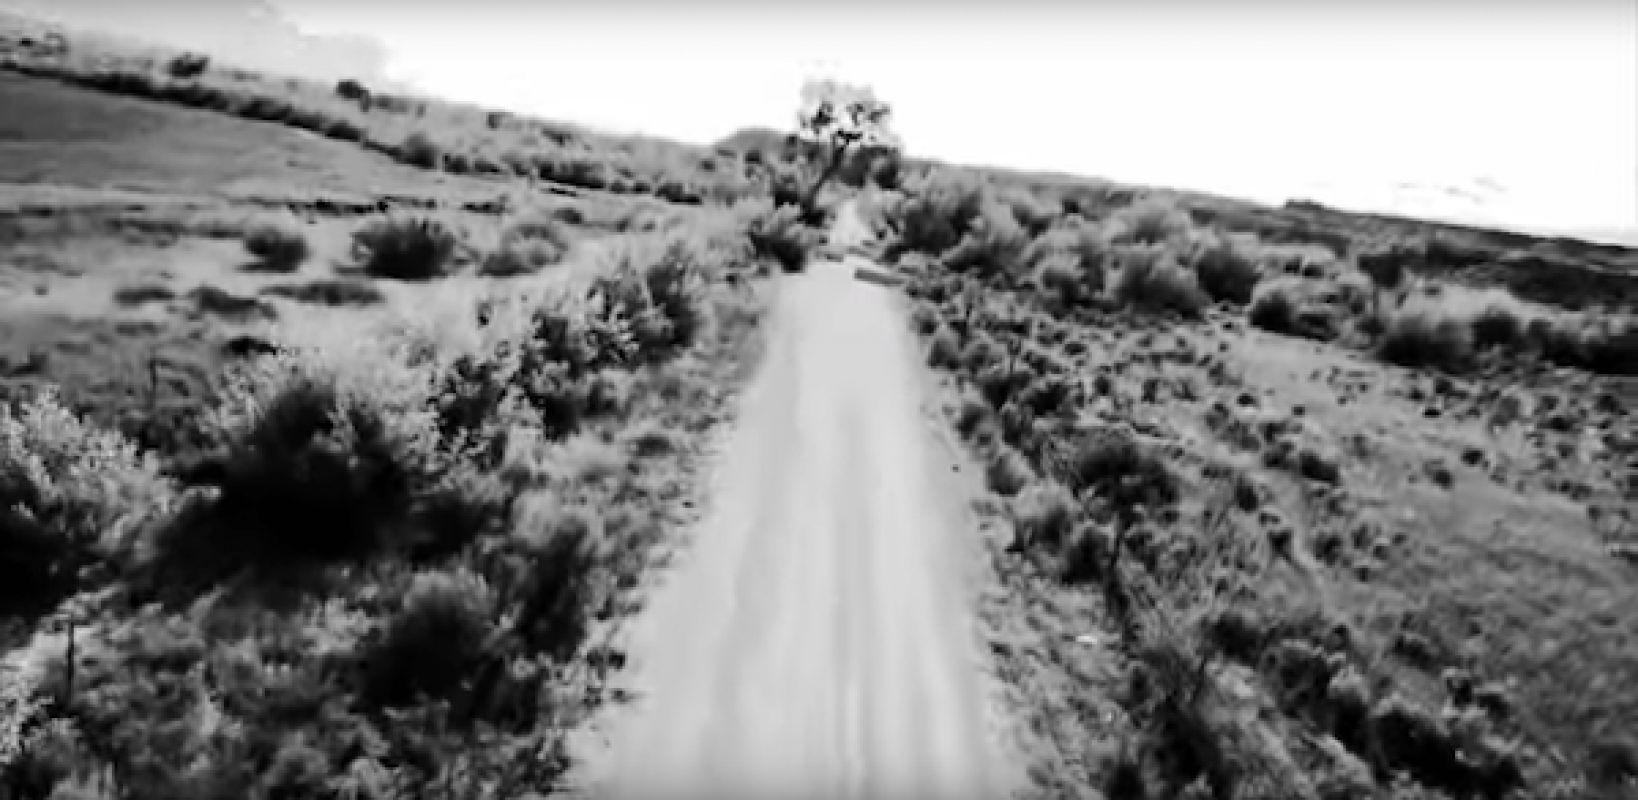 Певец Робби Уильямс рассказал о своей встрече с пришельцами в документальном фильме